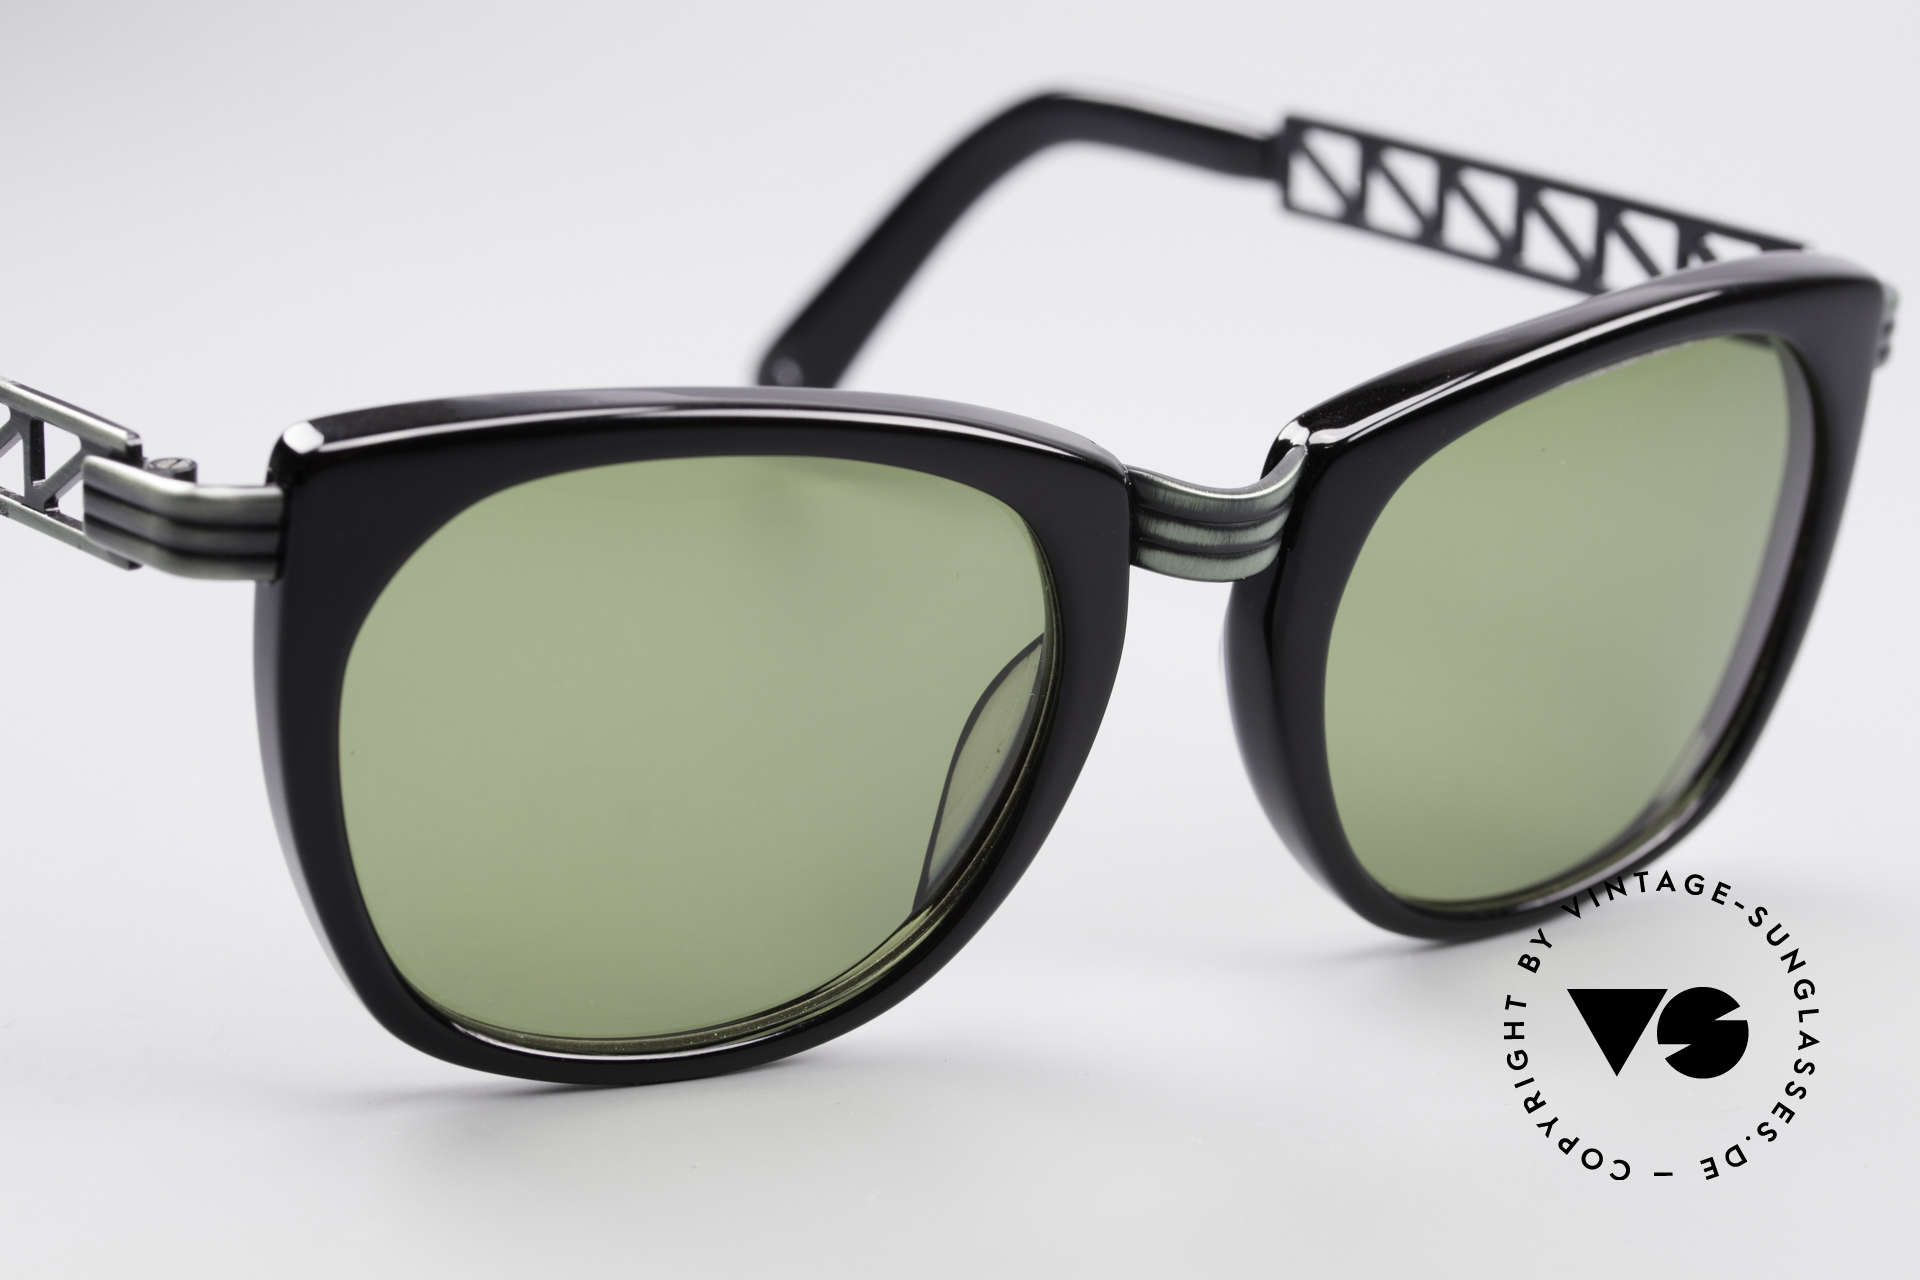 Jean Paul Gaultier 56-0272 90er Steampunk Sonnenbrille, KEINE Retrosonnenbrille, sondern 20 Jahre alt, Passend für Herren und Damen